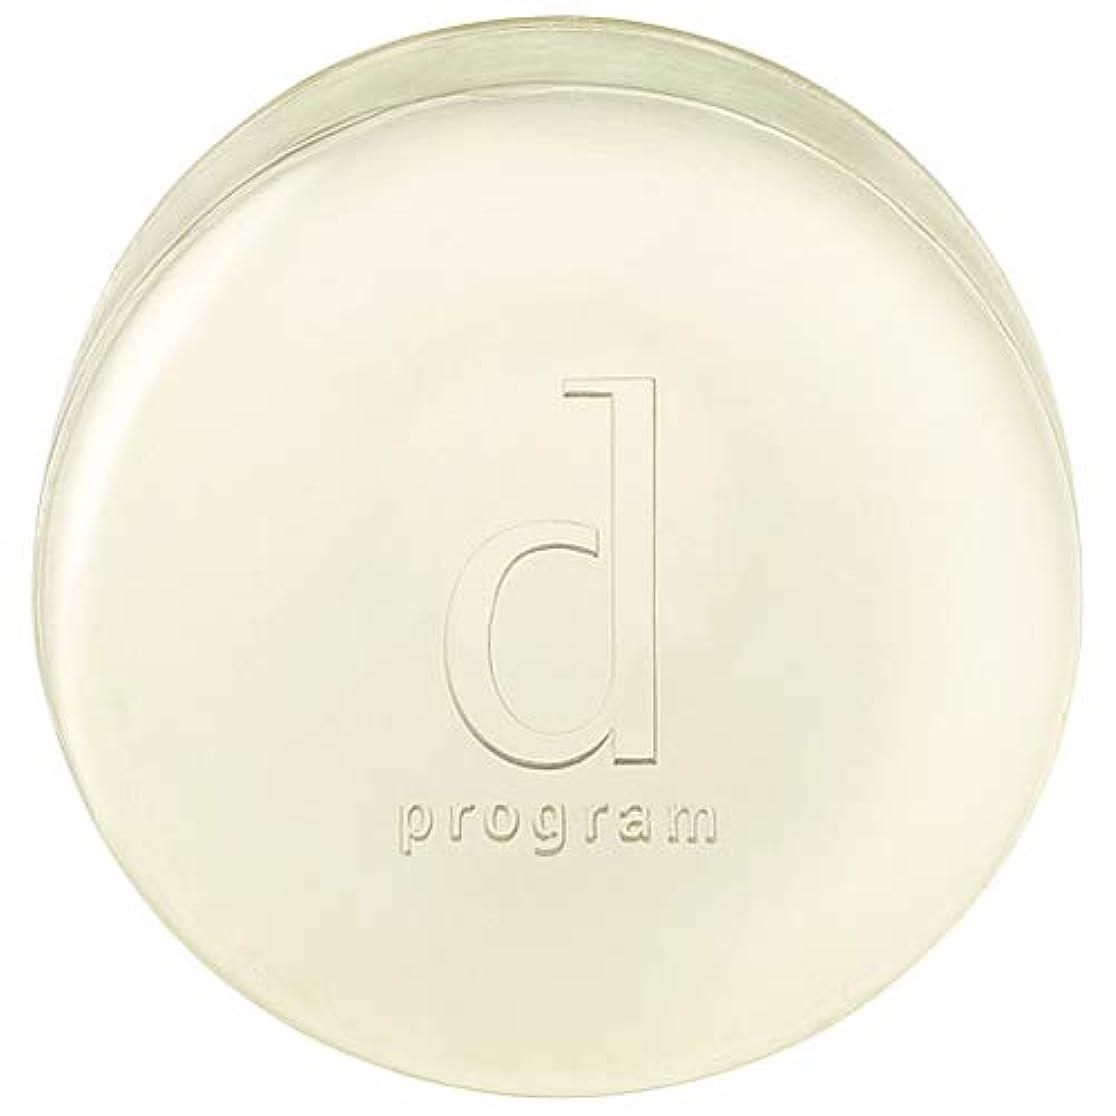 言い訳サスティーン磁気d program 資生堂 コンディショニングソープ 100g [366202] [並行輸入品]